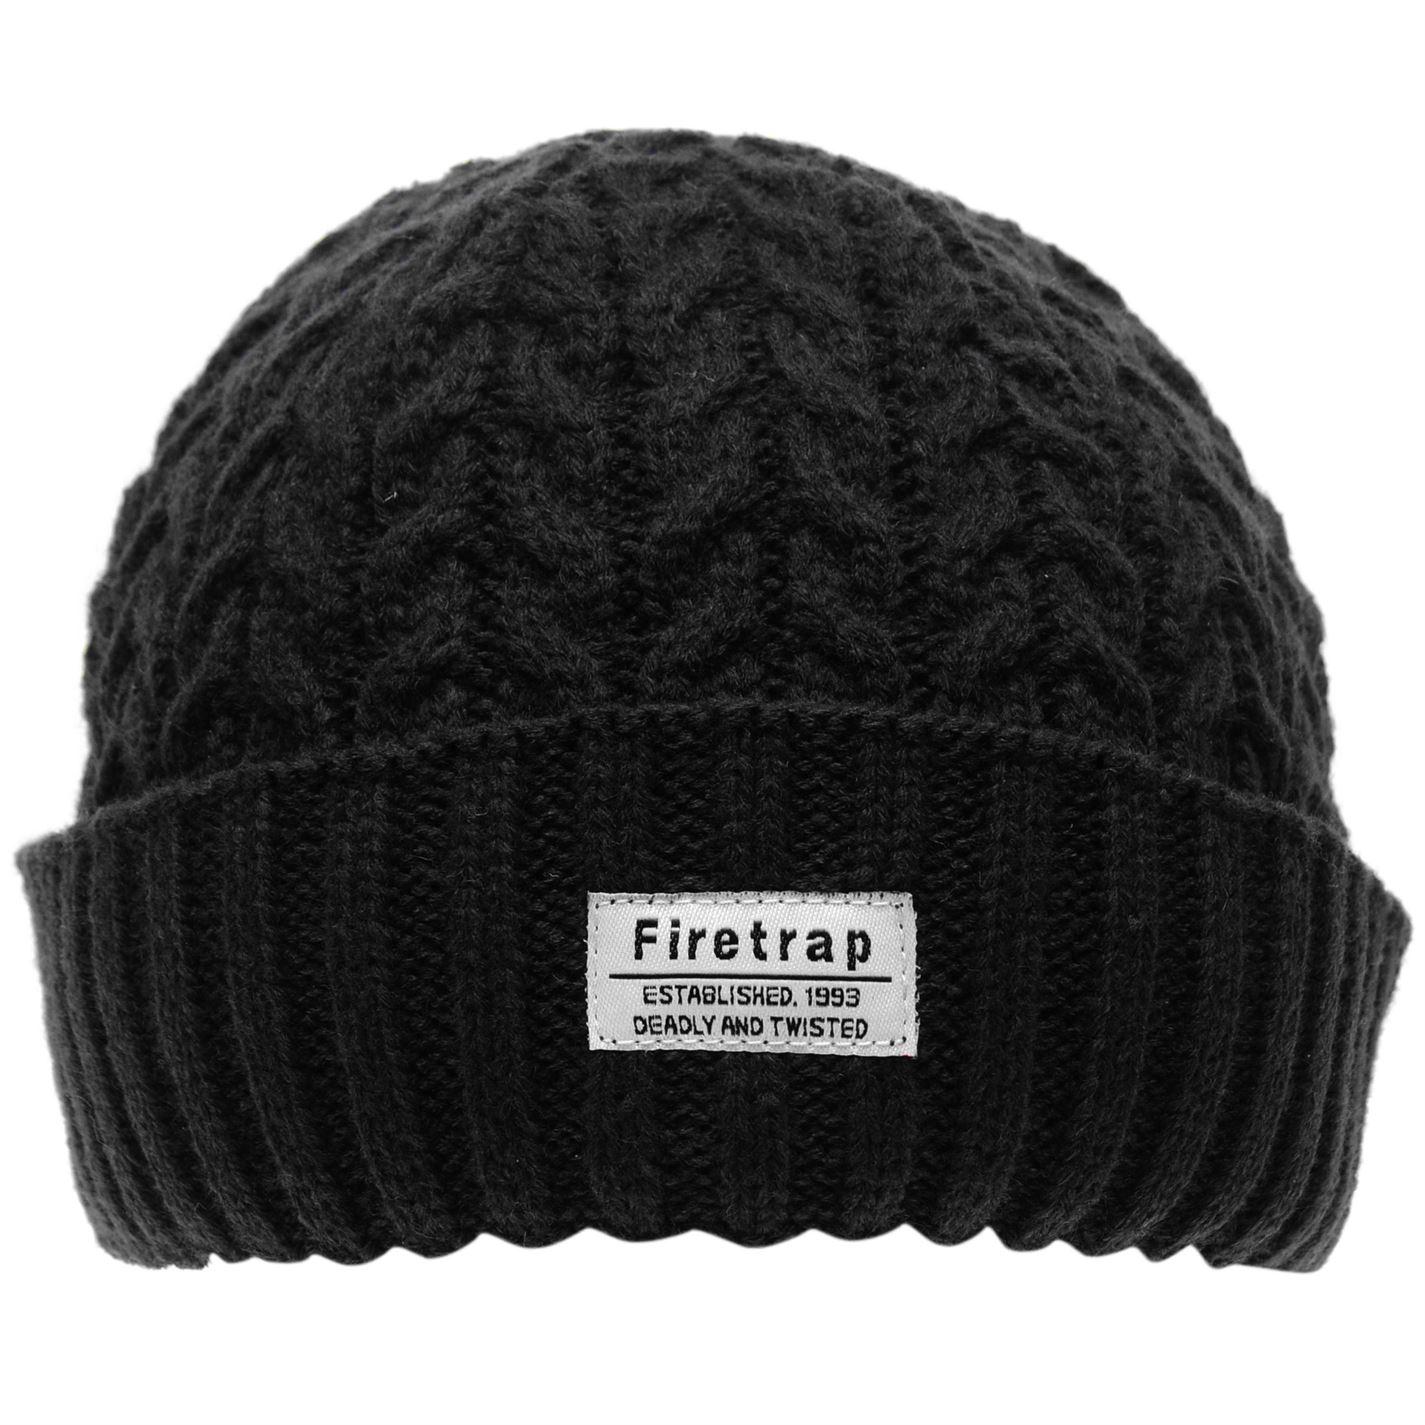 Mens-Firetrap-Fisherman-Hat-Beanie-Warm-New thumbnail 8